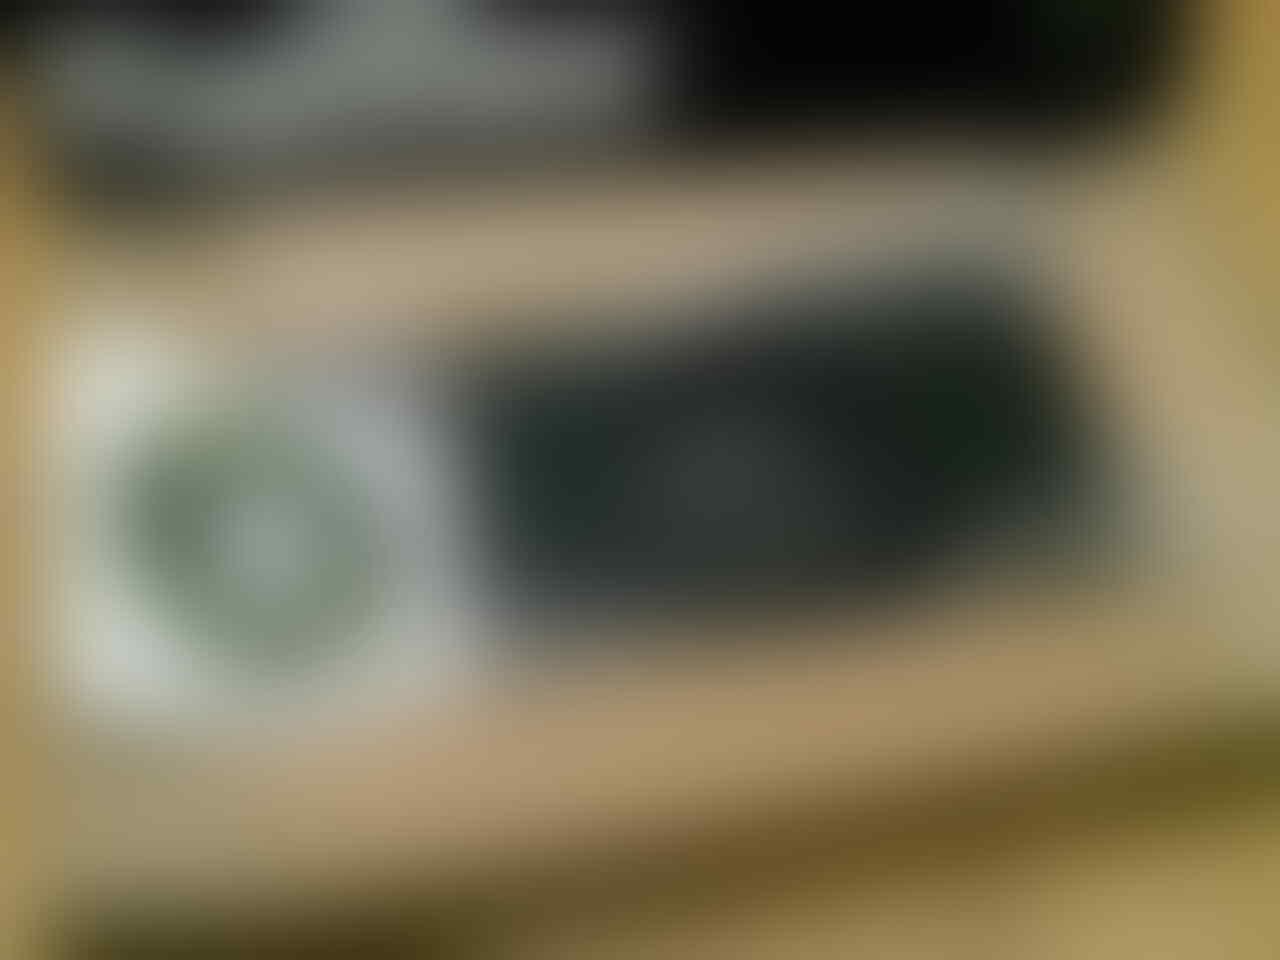 VGA Pixelview Nvidia GTX 460 SE 1Gb 256bit